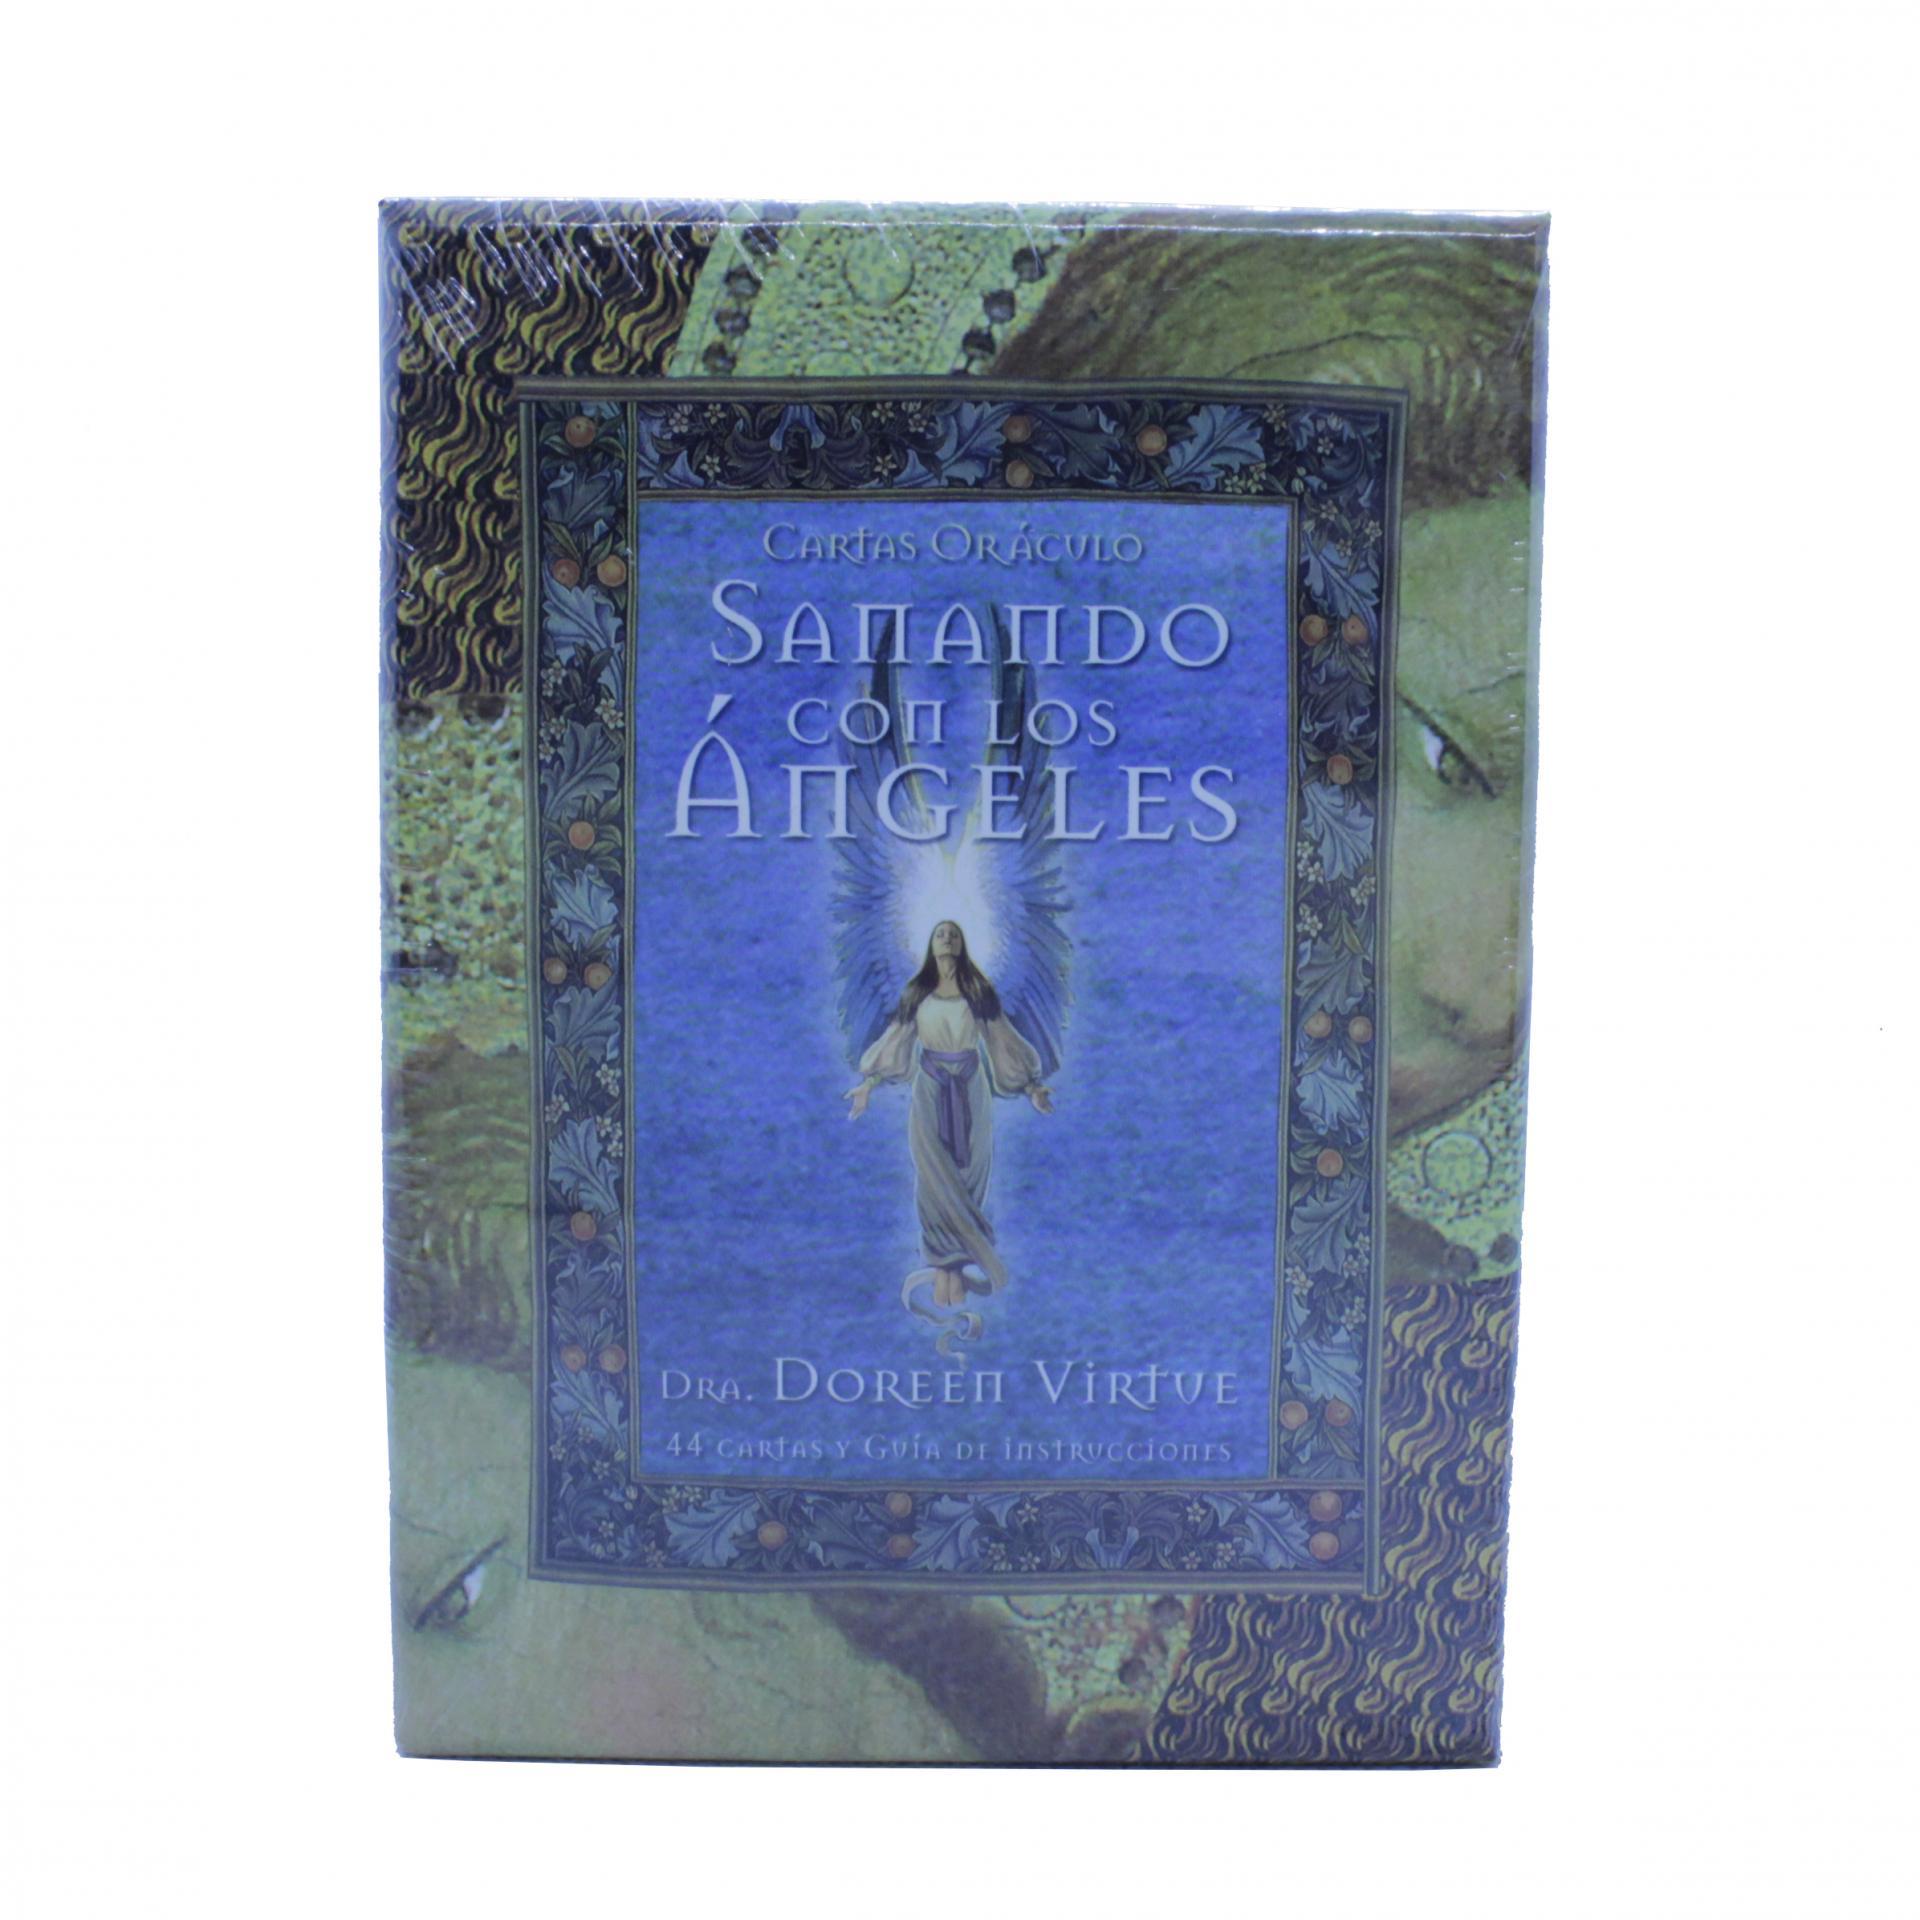 Oráculo Sanando con los ángeles - Doreen Virtue